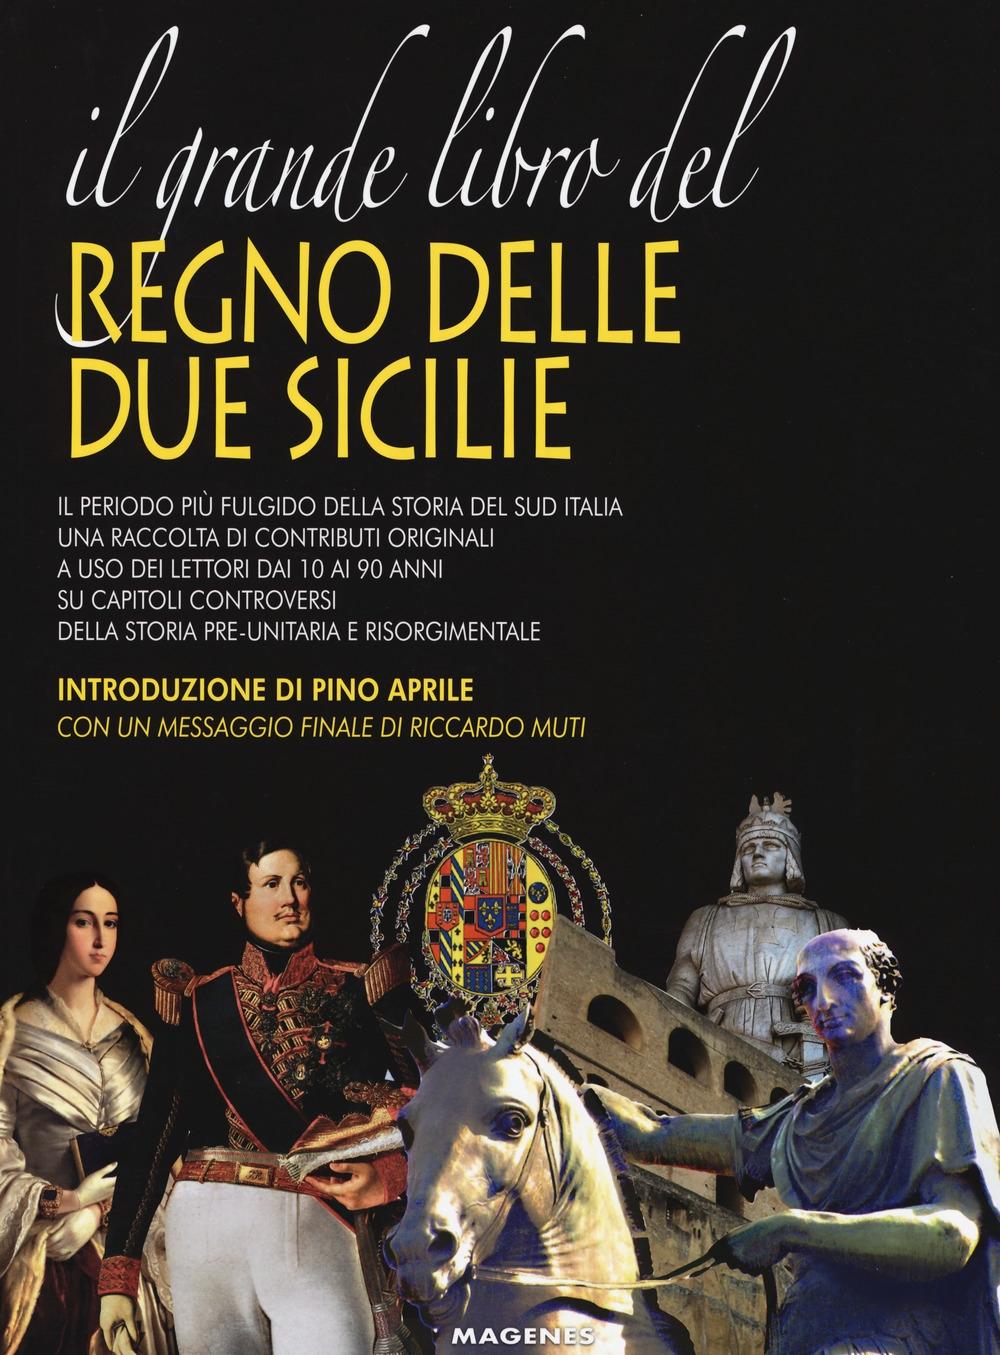 Il grande libro del Regno delle Due Sicilie